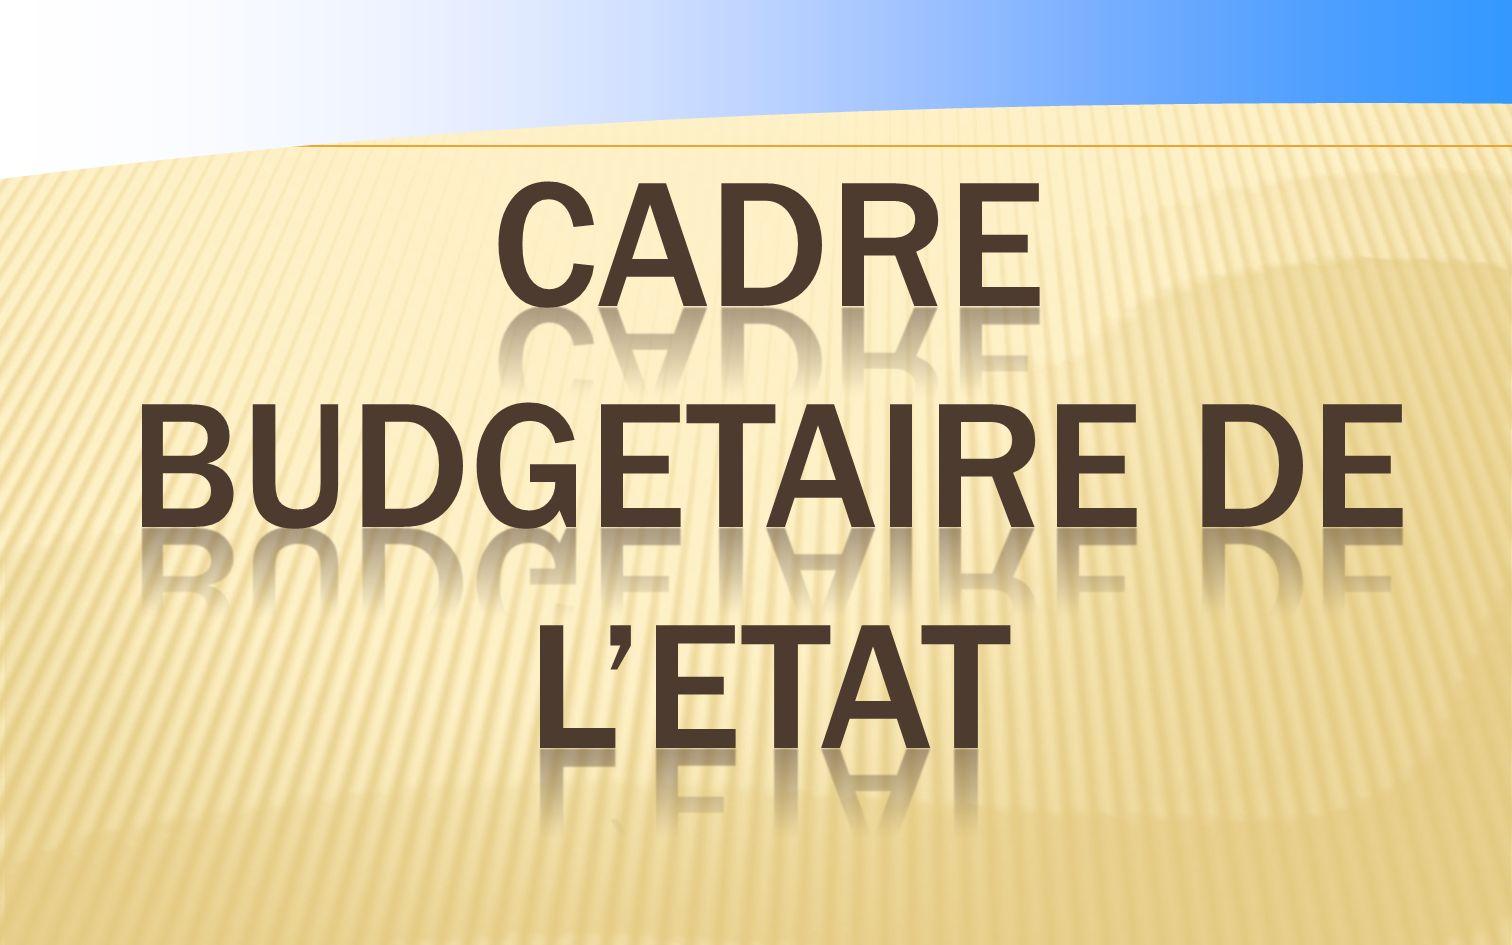 CADRE BUDGETAIRE DE L'ETAT